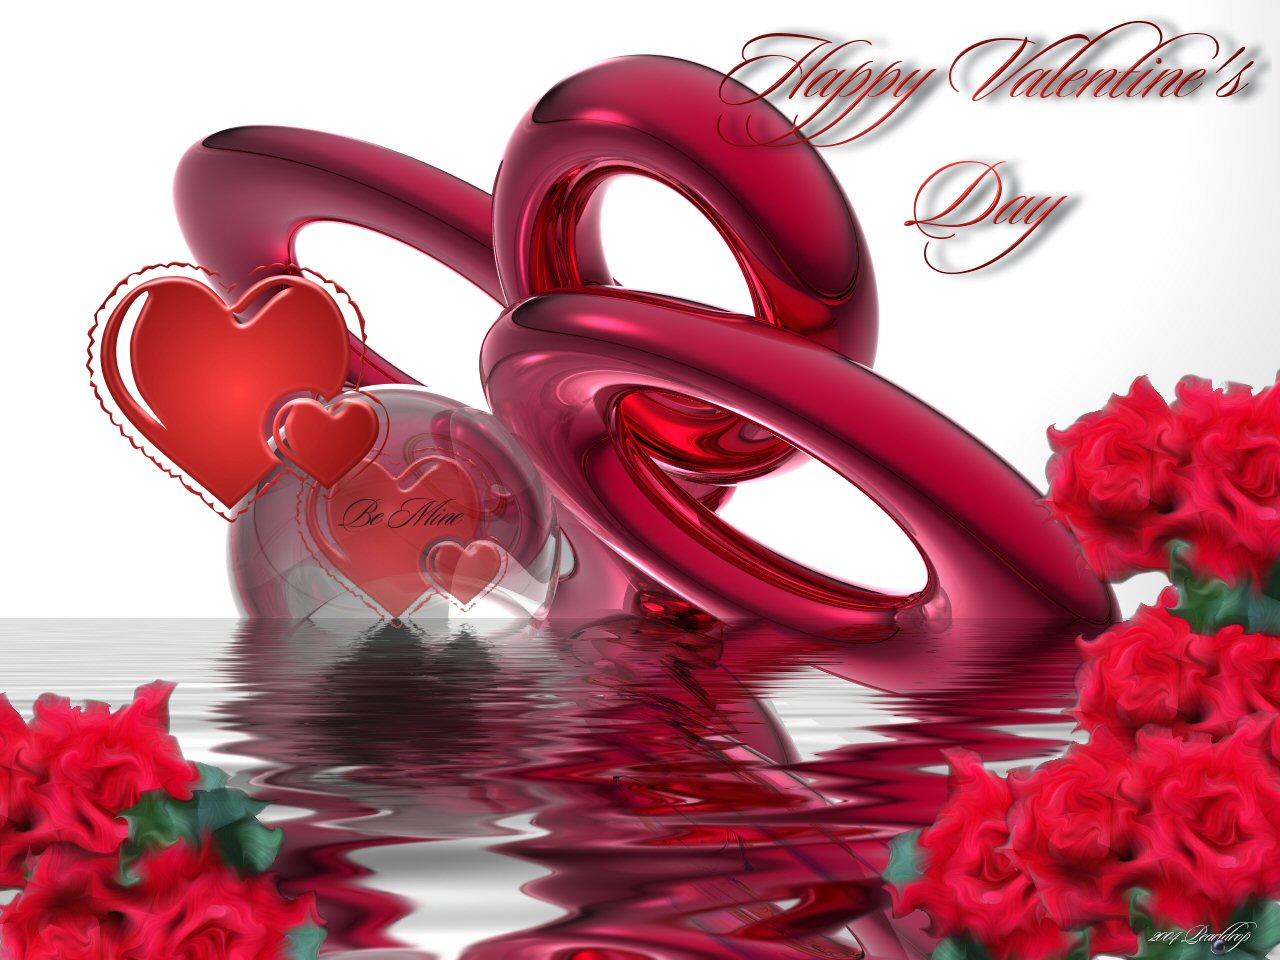 http://1.bp.blogspot.com/-5vMiVqTV-no/TkaMSY29AhI/AAAAAAAAA8Q/_VfXKOLyXC0/s1600/Love_Wallpapers_Umeaurhum78.jpg